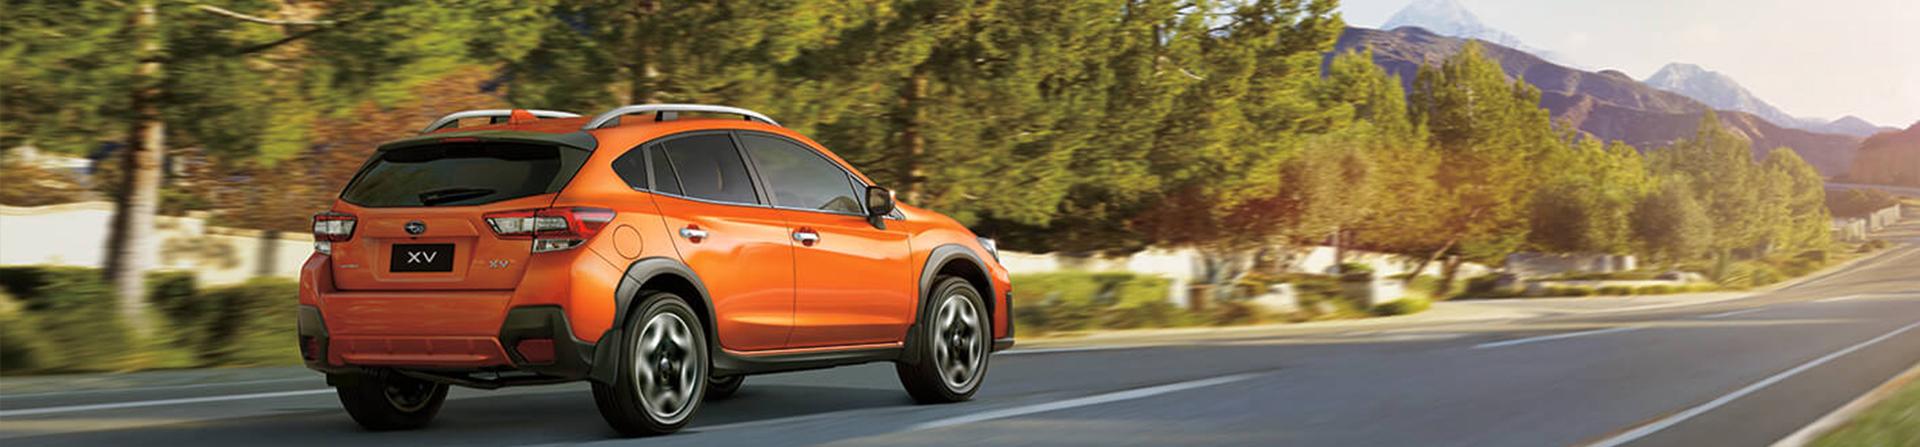 Subaru XV Image 2